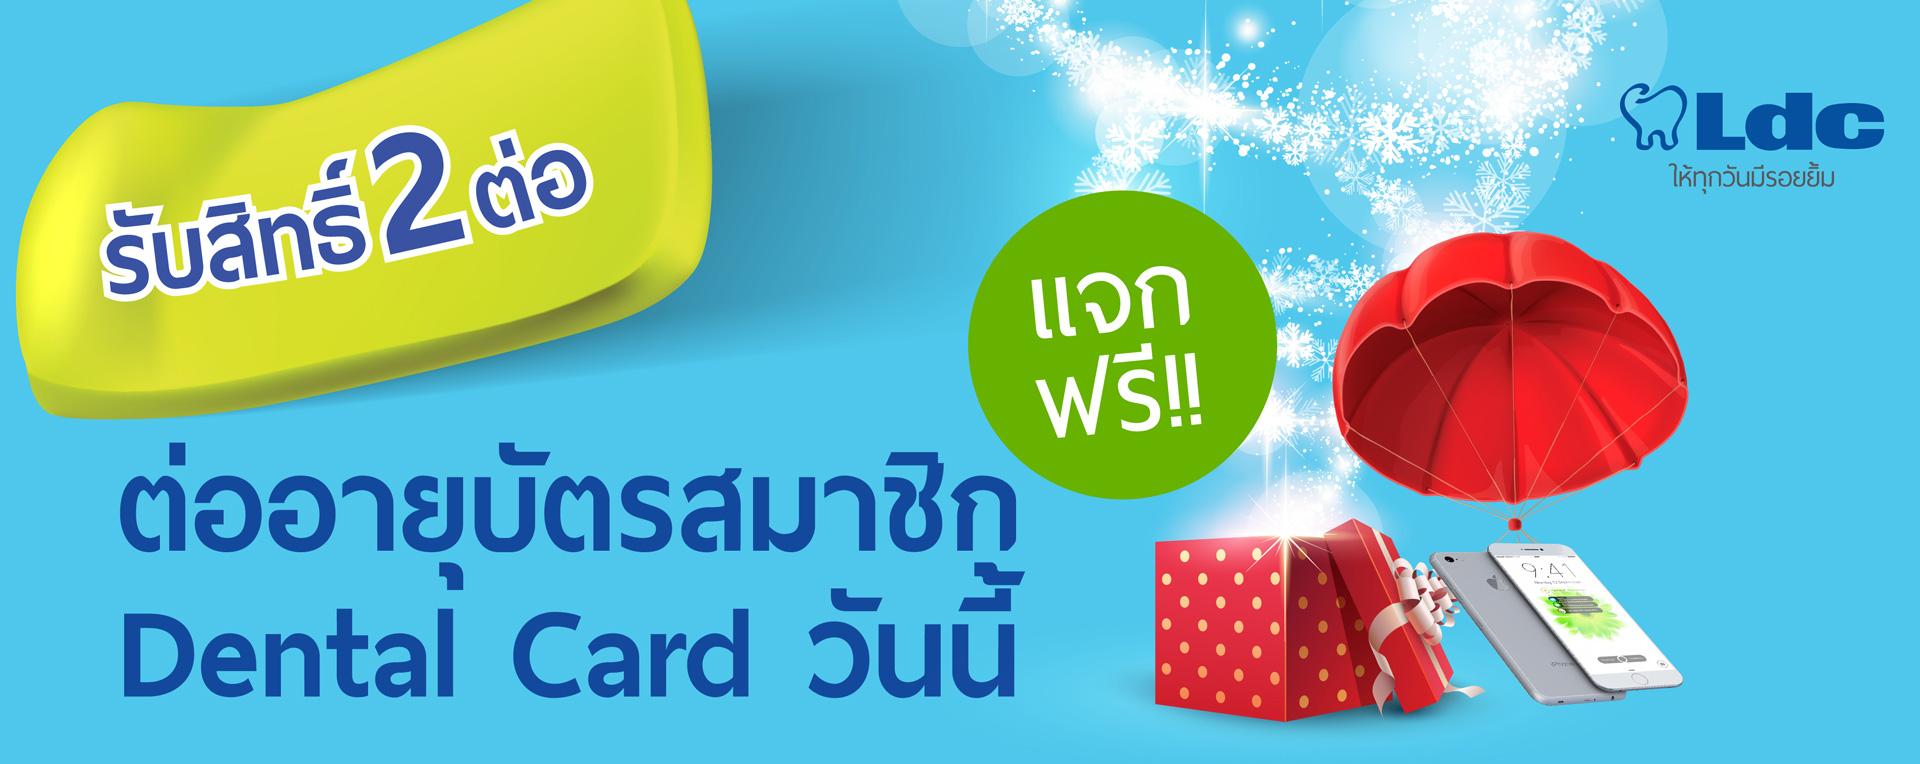 ต่ออายุบัตรสมาชิก Dental Card วันนี้ ลุ้นรับ iphone 7 จำนวน 1 เครื่อง